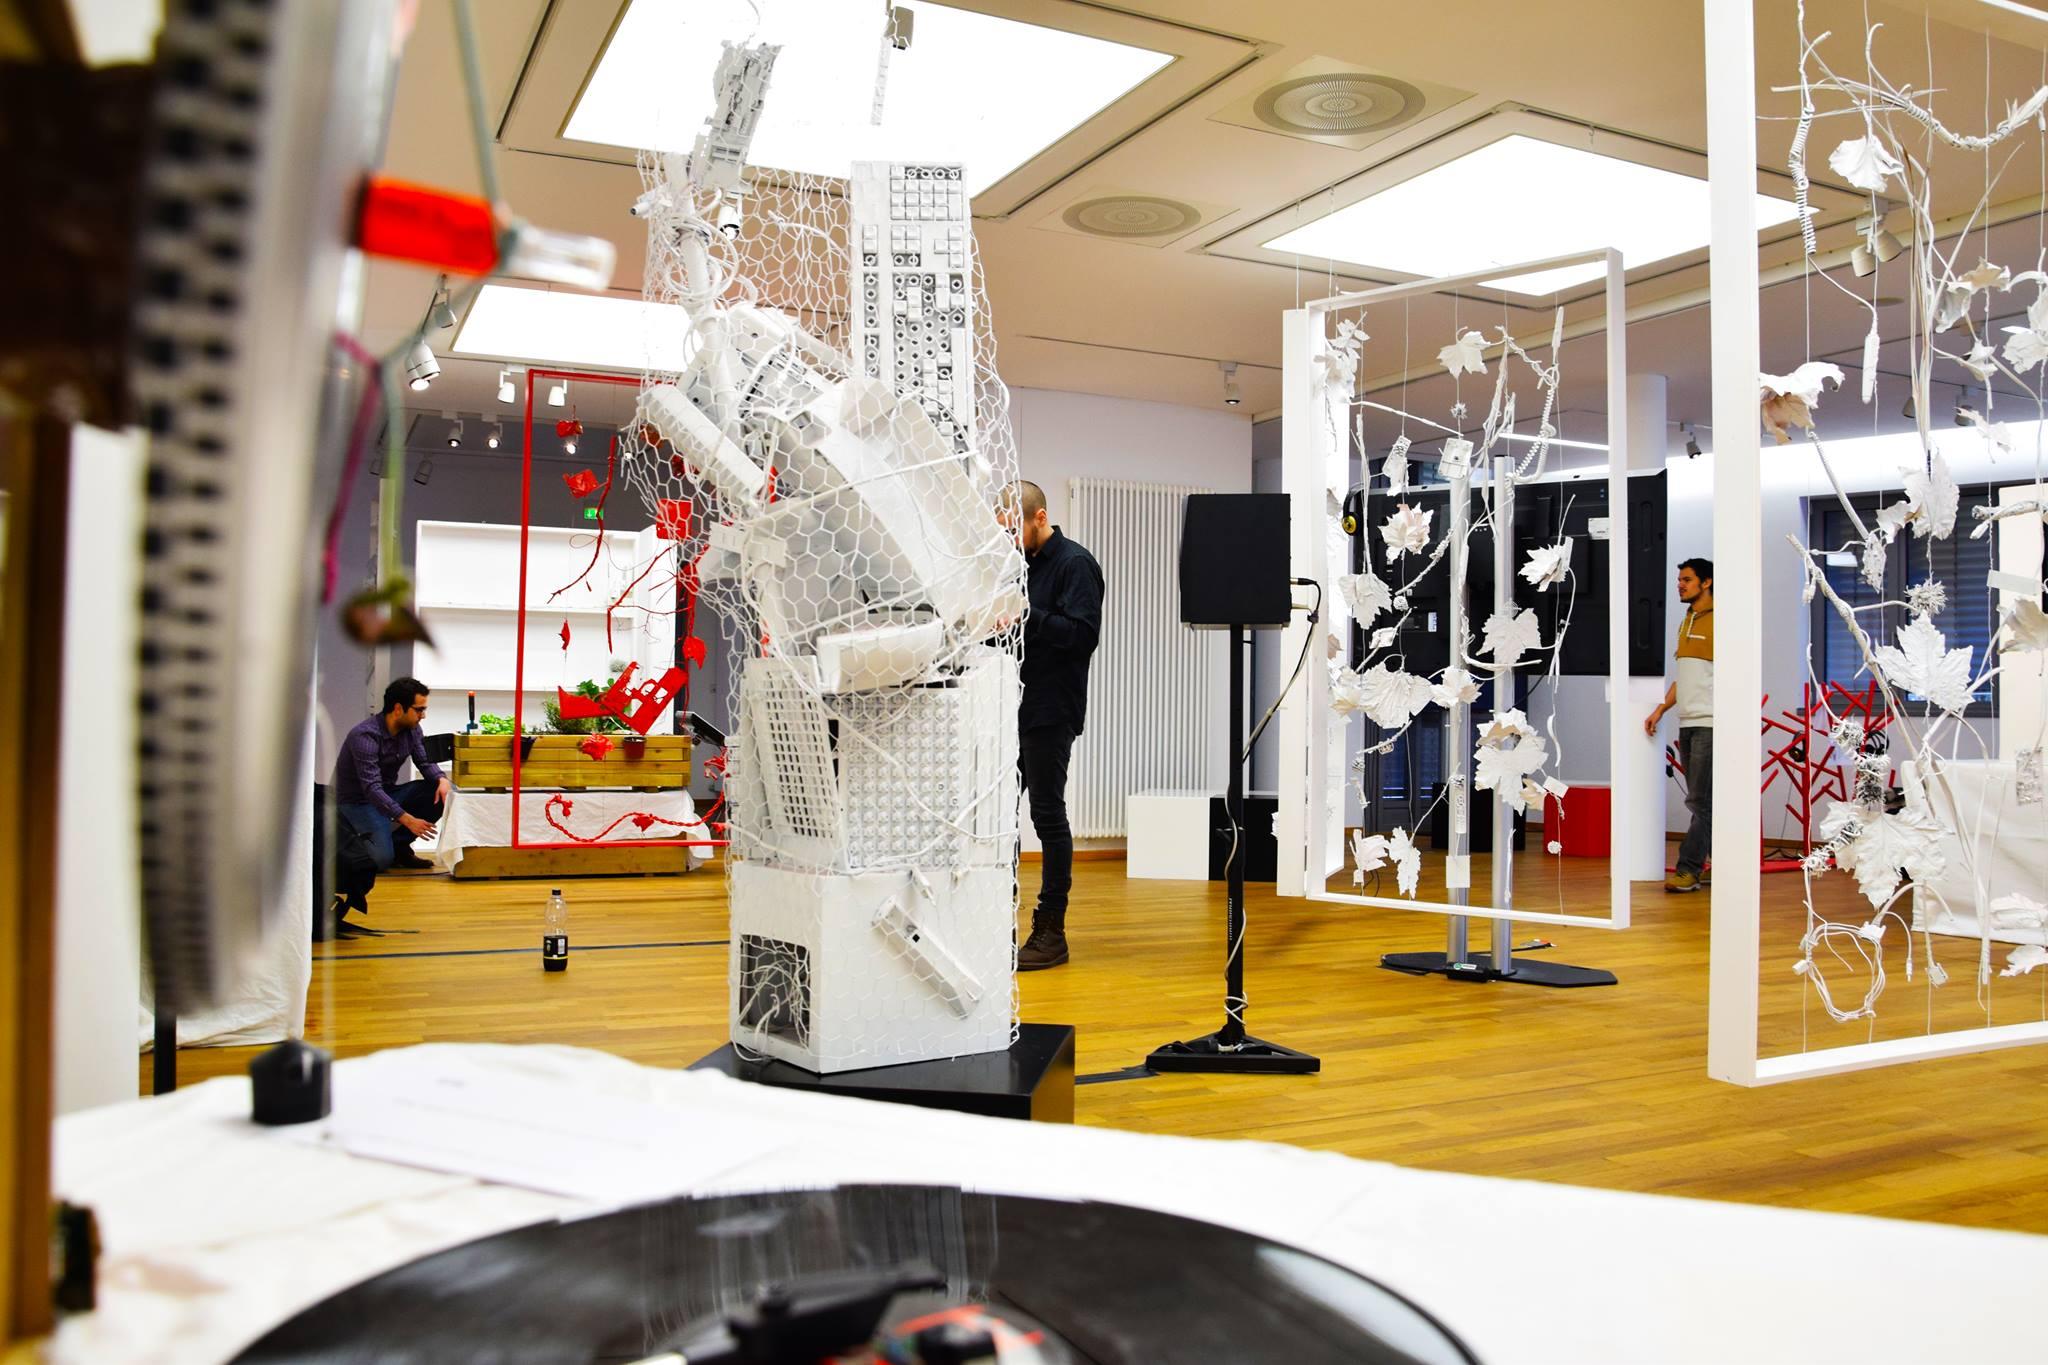 """Ausstellung: """"Bin gleich wieder da!"""" - Unterwegs in virtuellen Welten"""